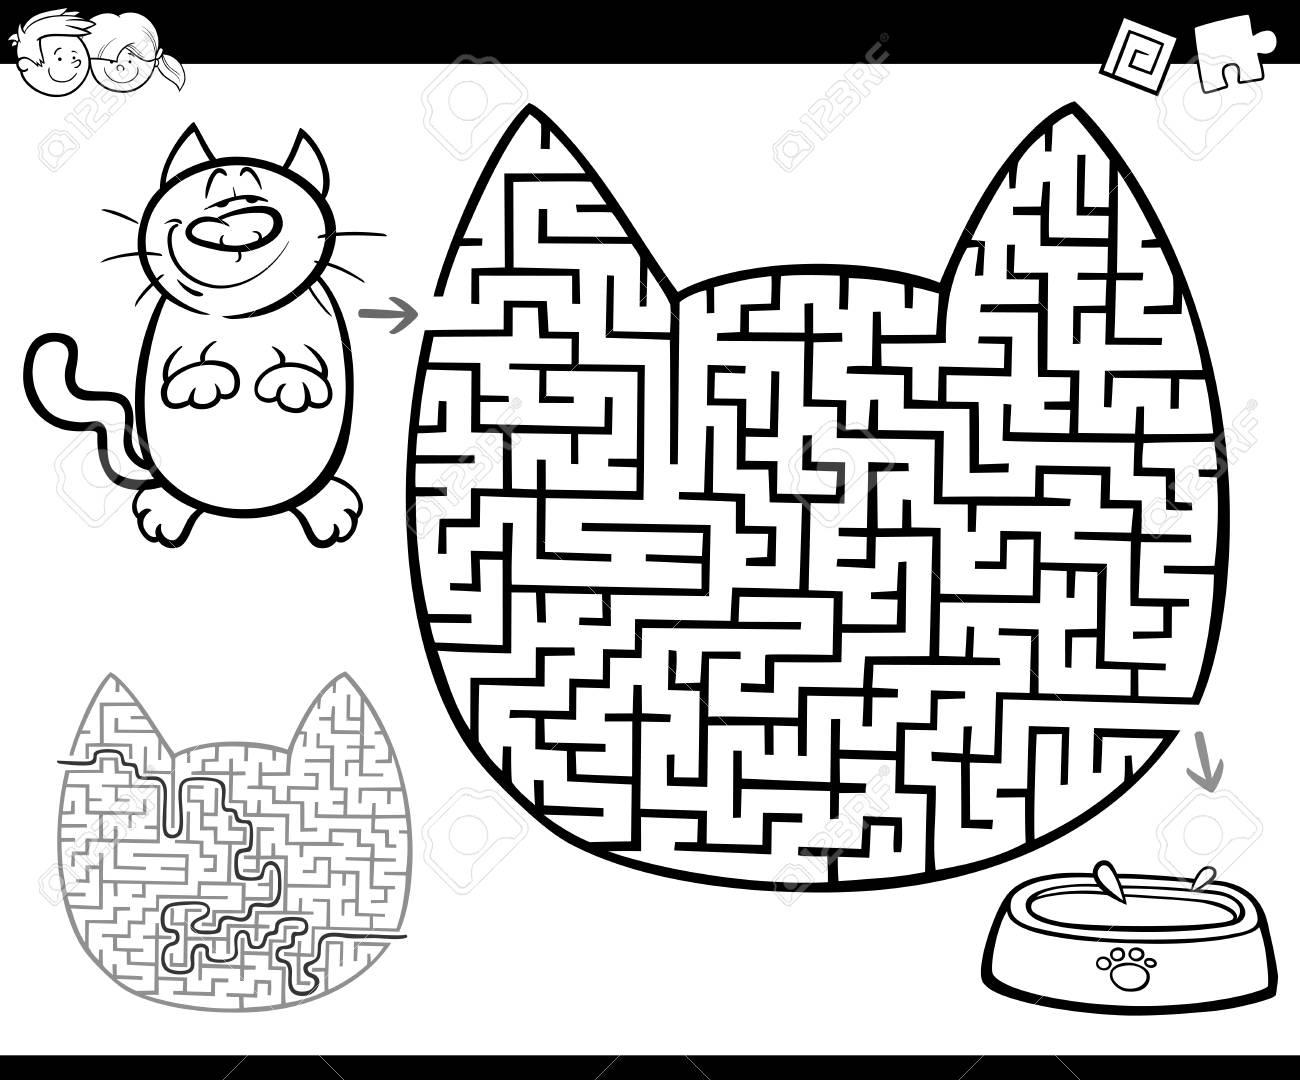 Ilustracion De Dibujos Animados De Laberinto Educativo O Juego De